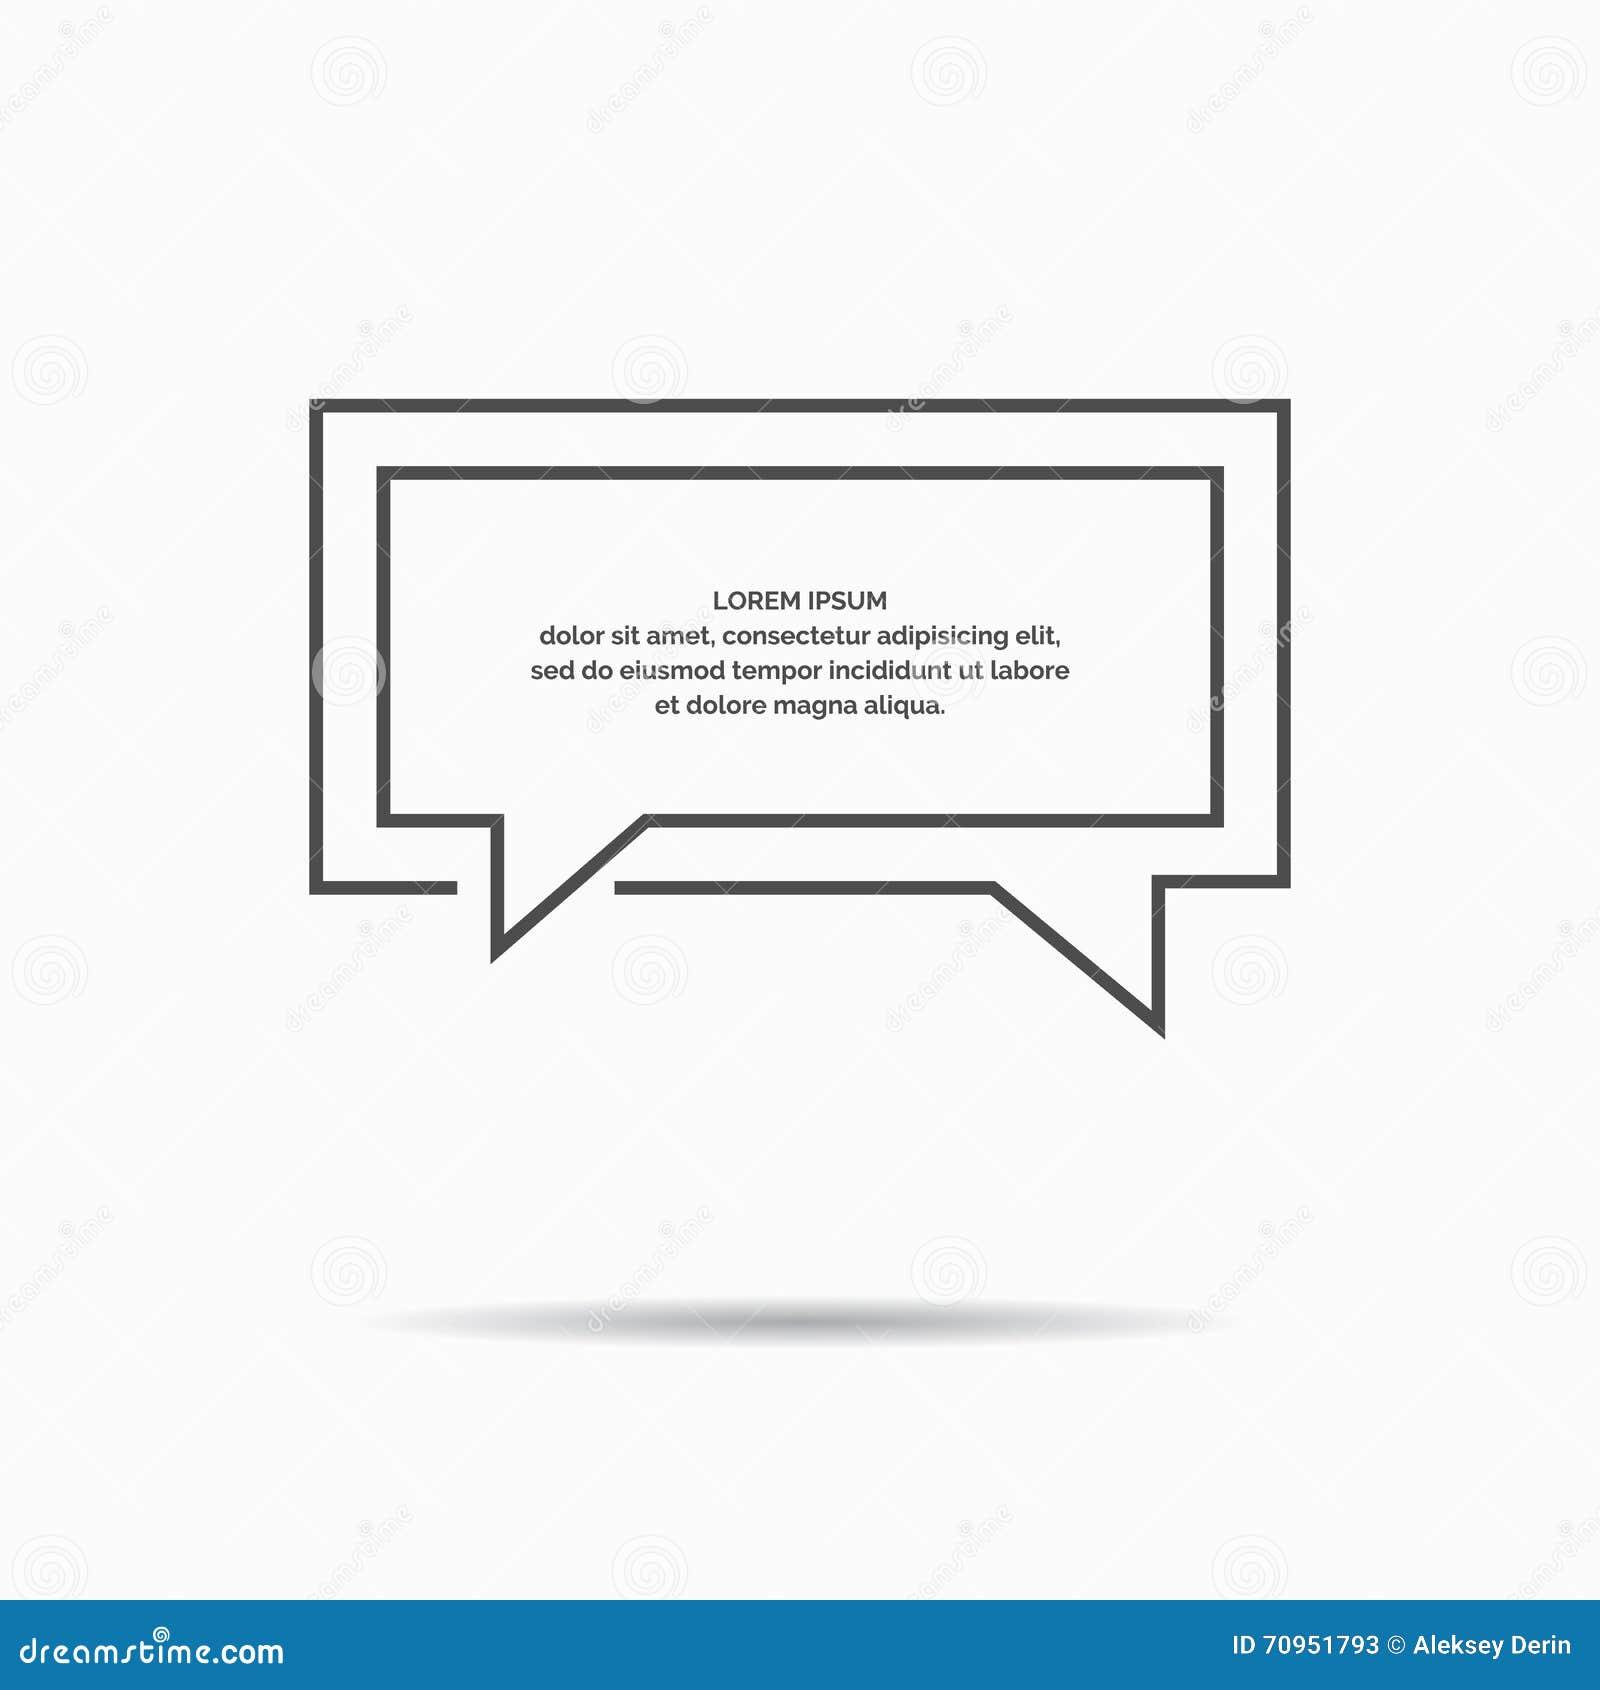 Wunderbar Leere Wortwand Vorlage Fotos - Entry Level Resume Vorlagen ...